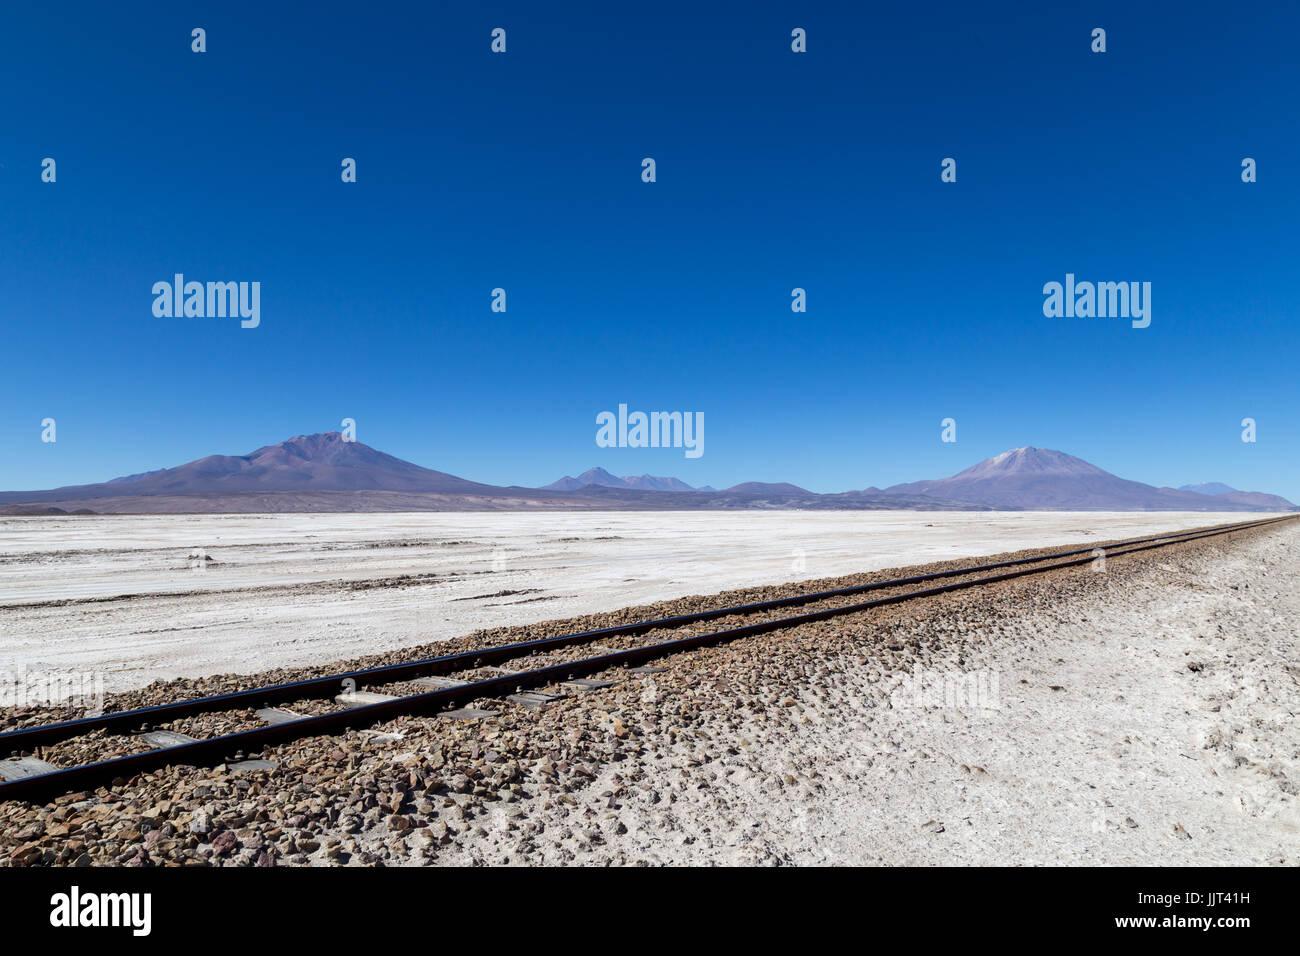 Salar de Uyuni in Bolivia - Stock Image